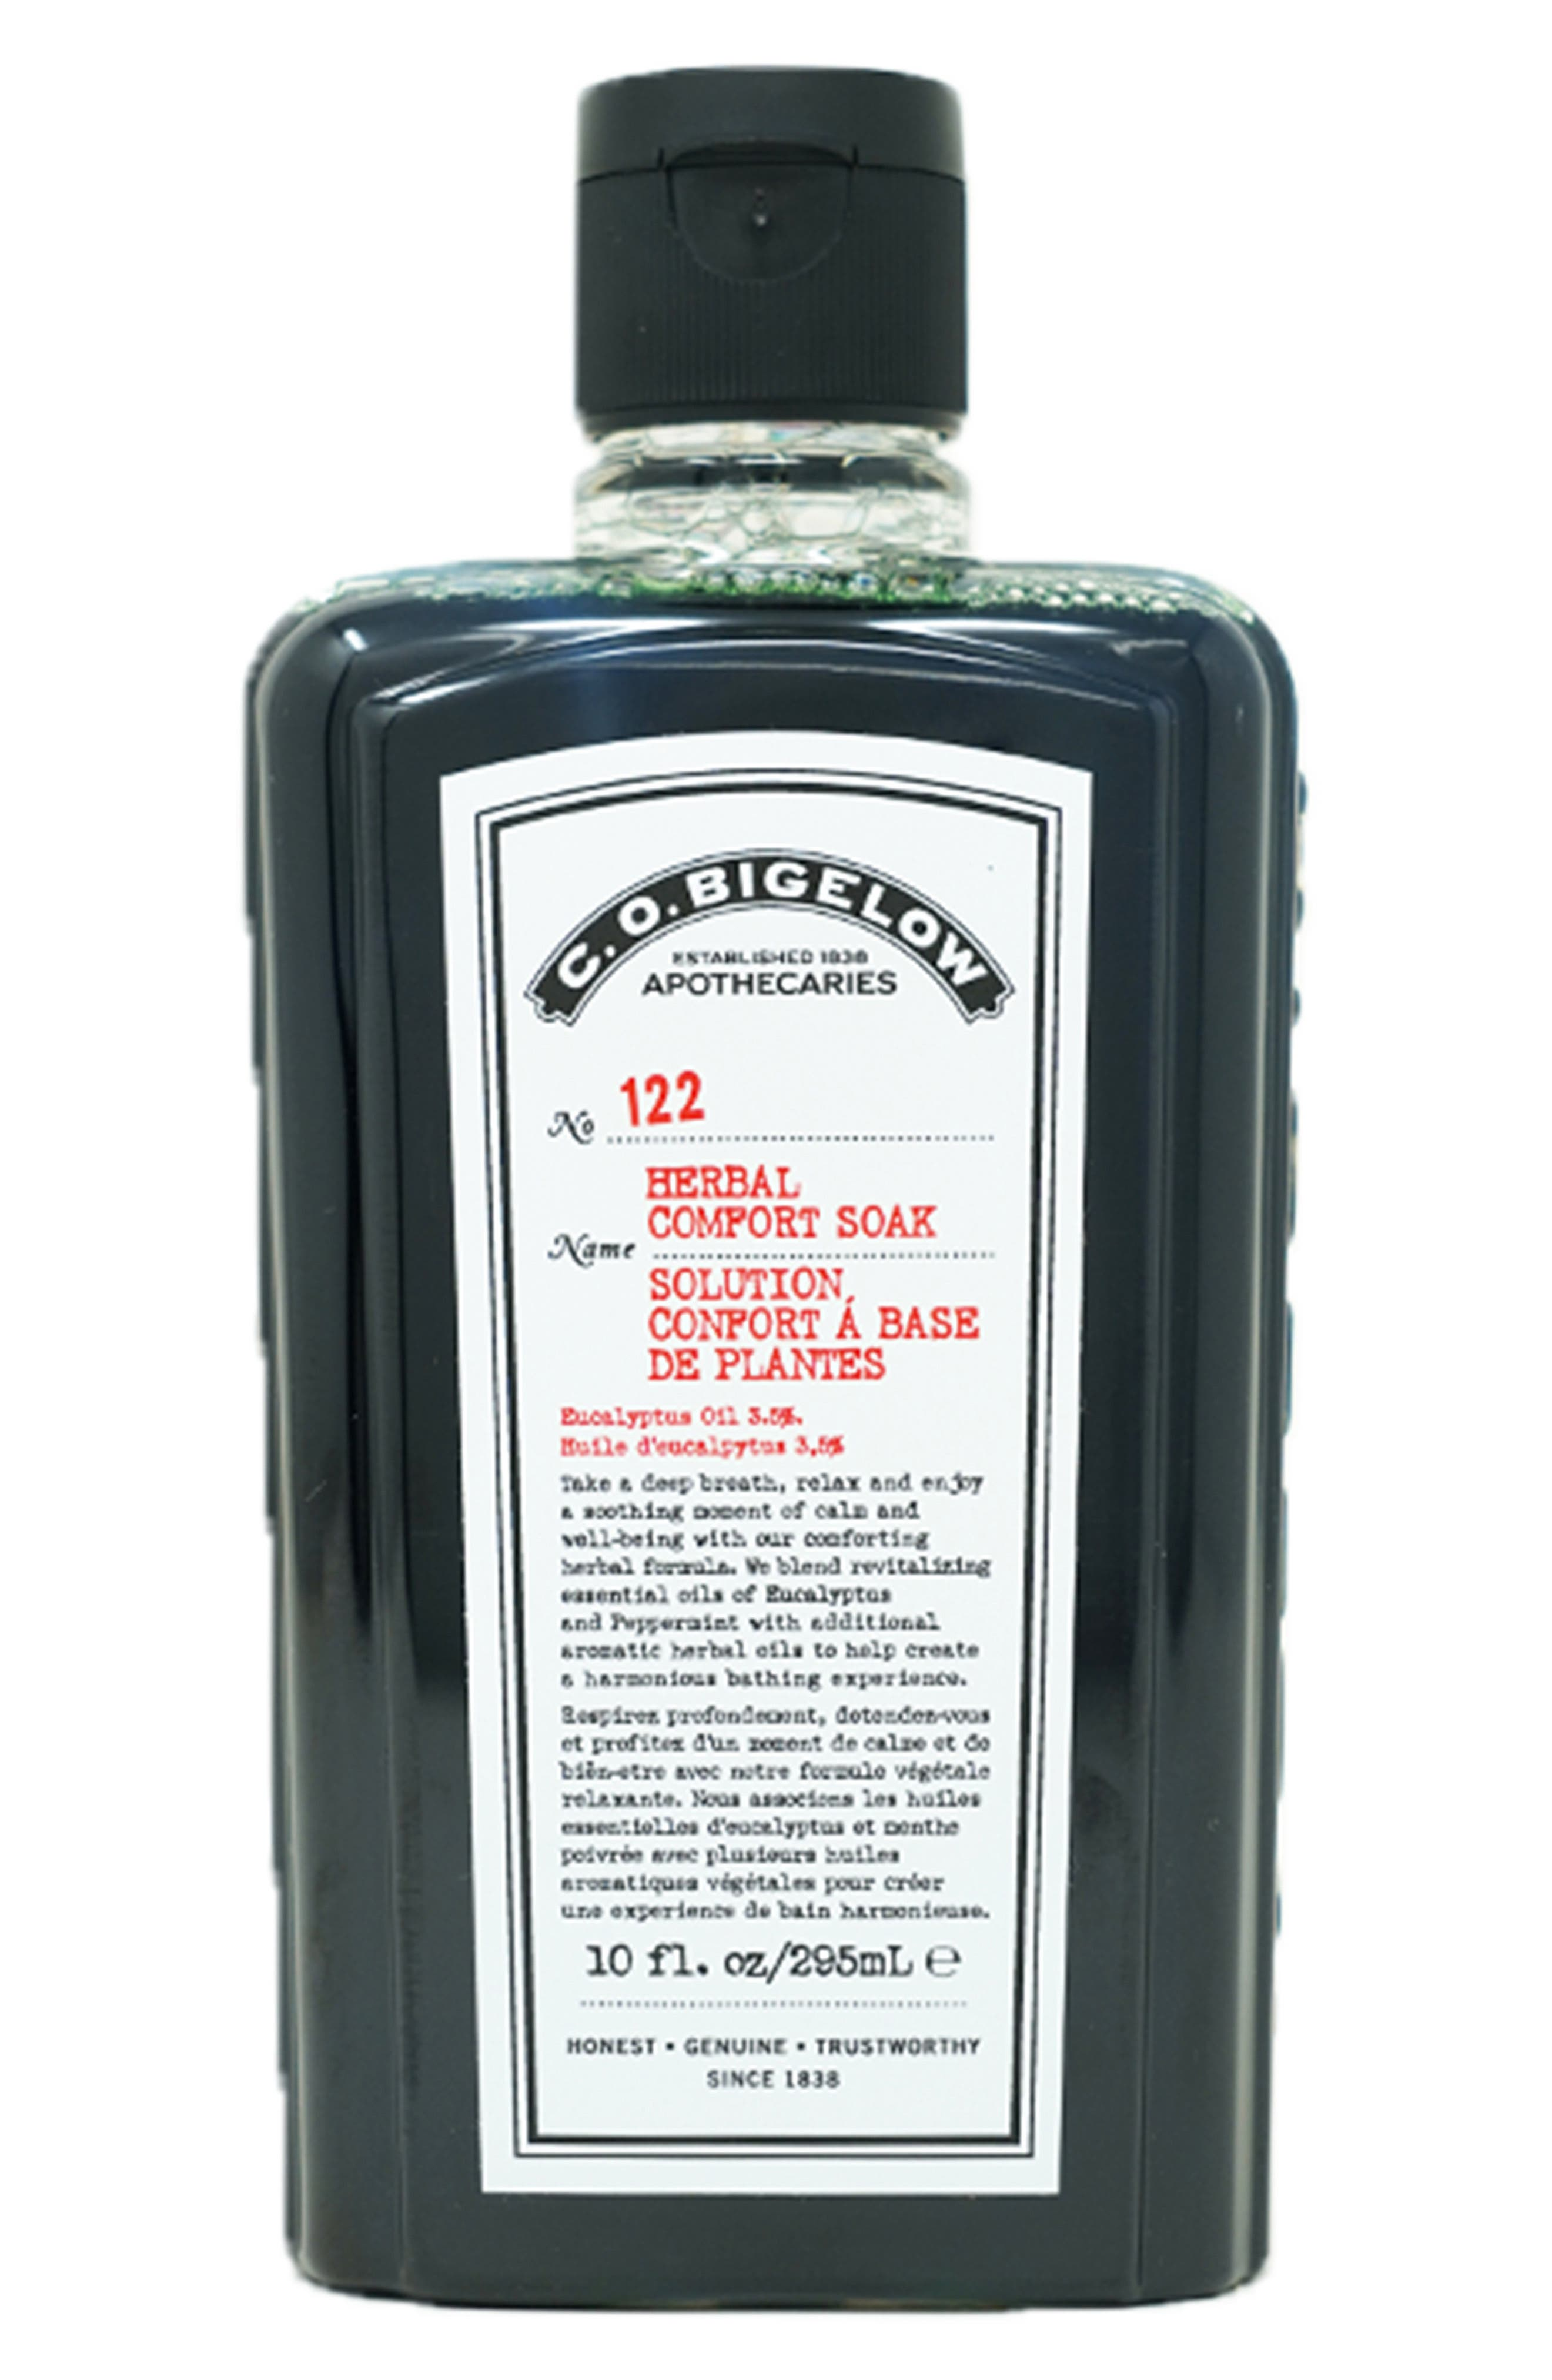 Herbal Comfort Soak